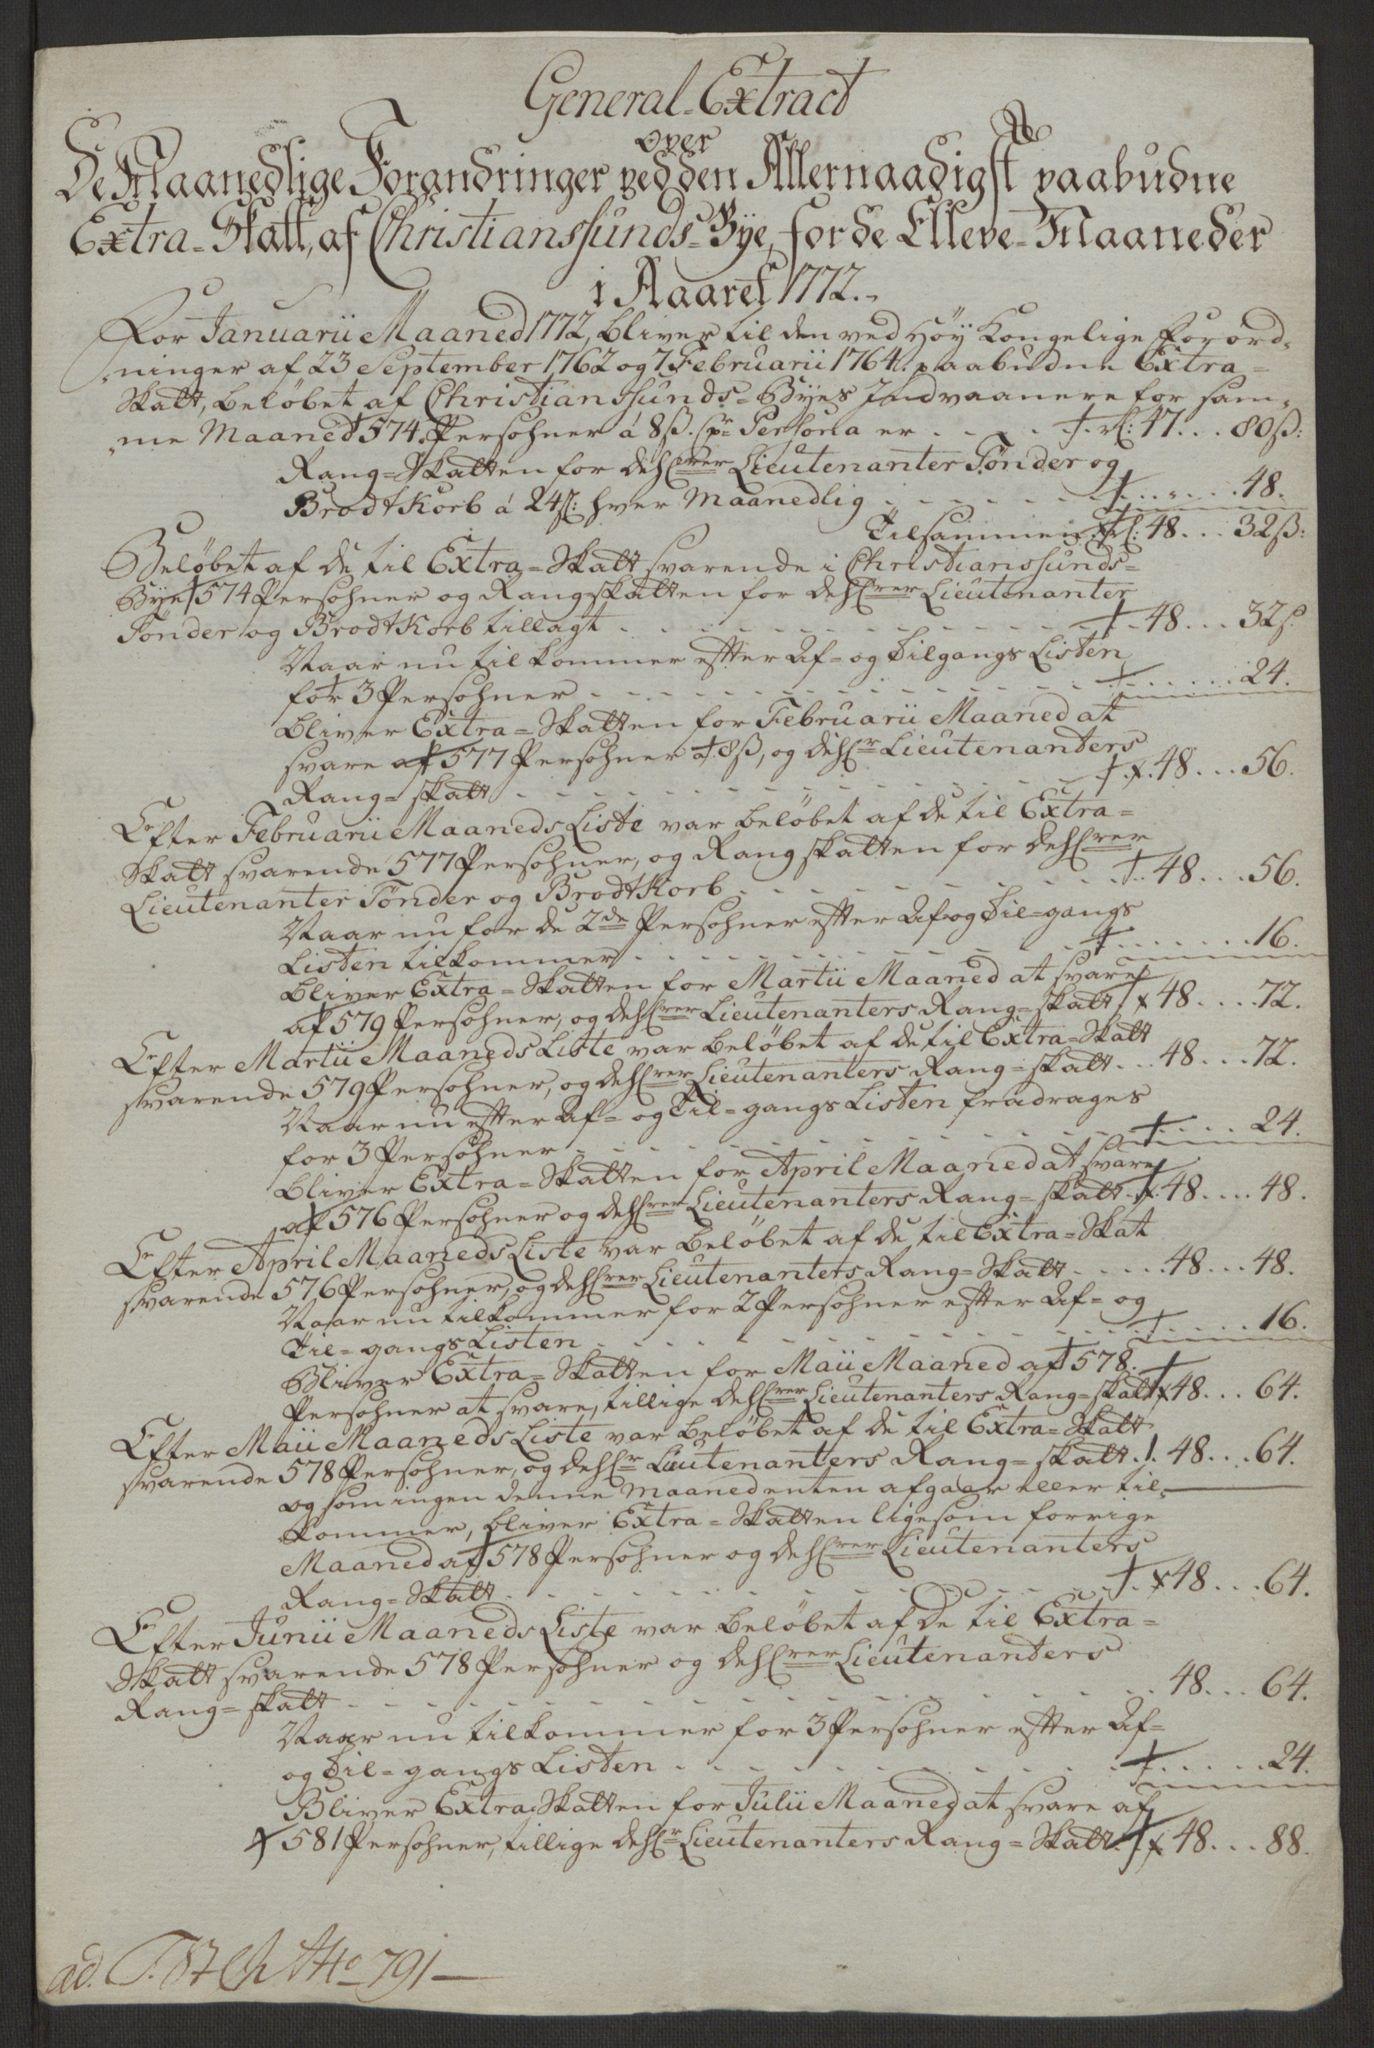 RA, Rentekammeret inntil 1814, Reviderte regnskaper, Byregnskaper, R/Rr/L0495: [R1] Kontribusjonsregnskap, 1762-1772, s. 269